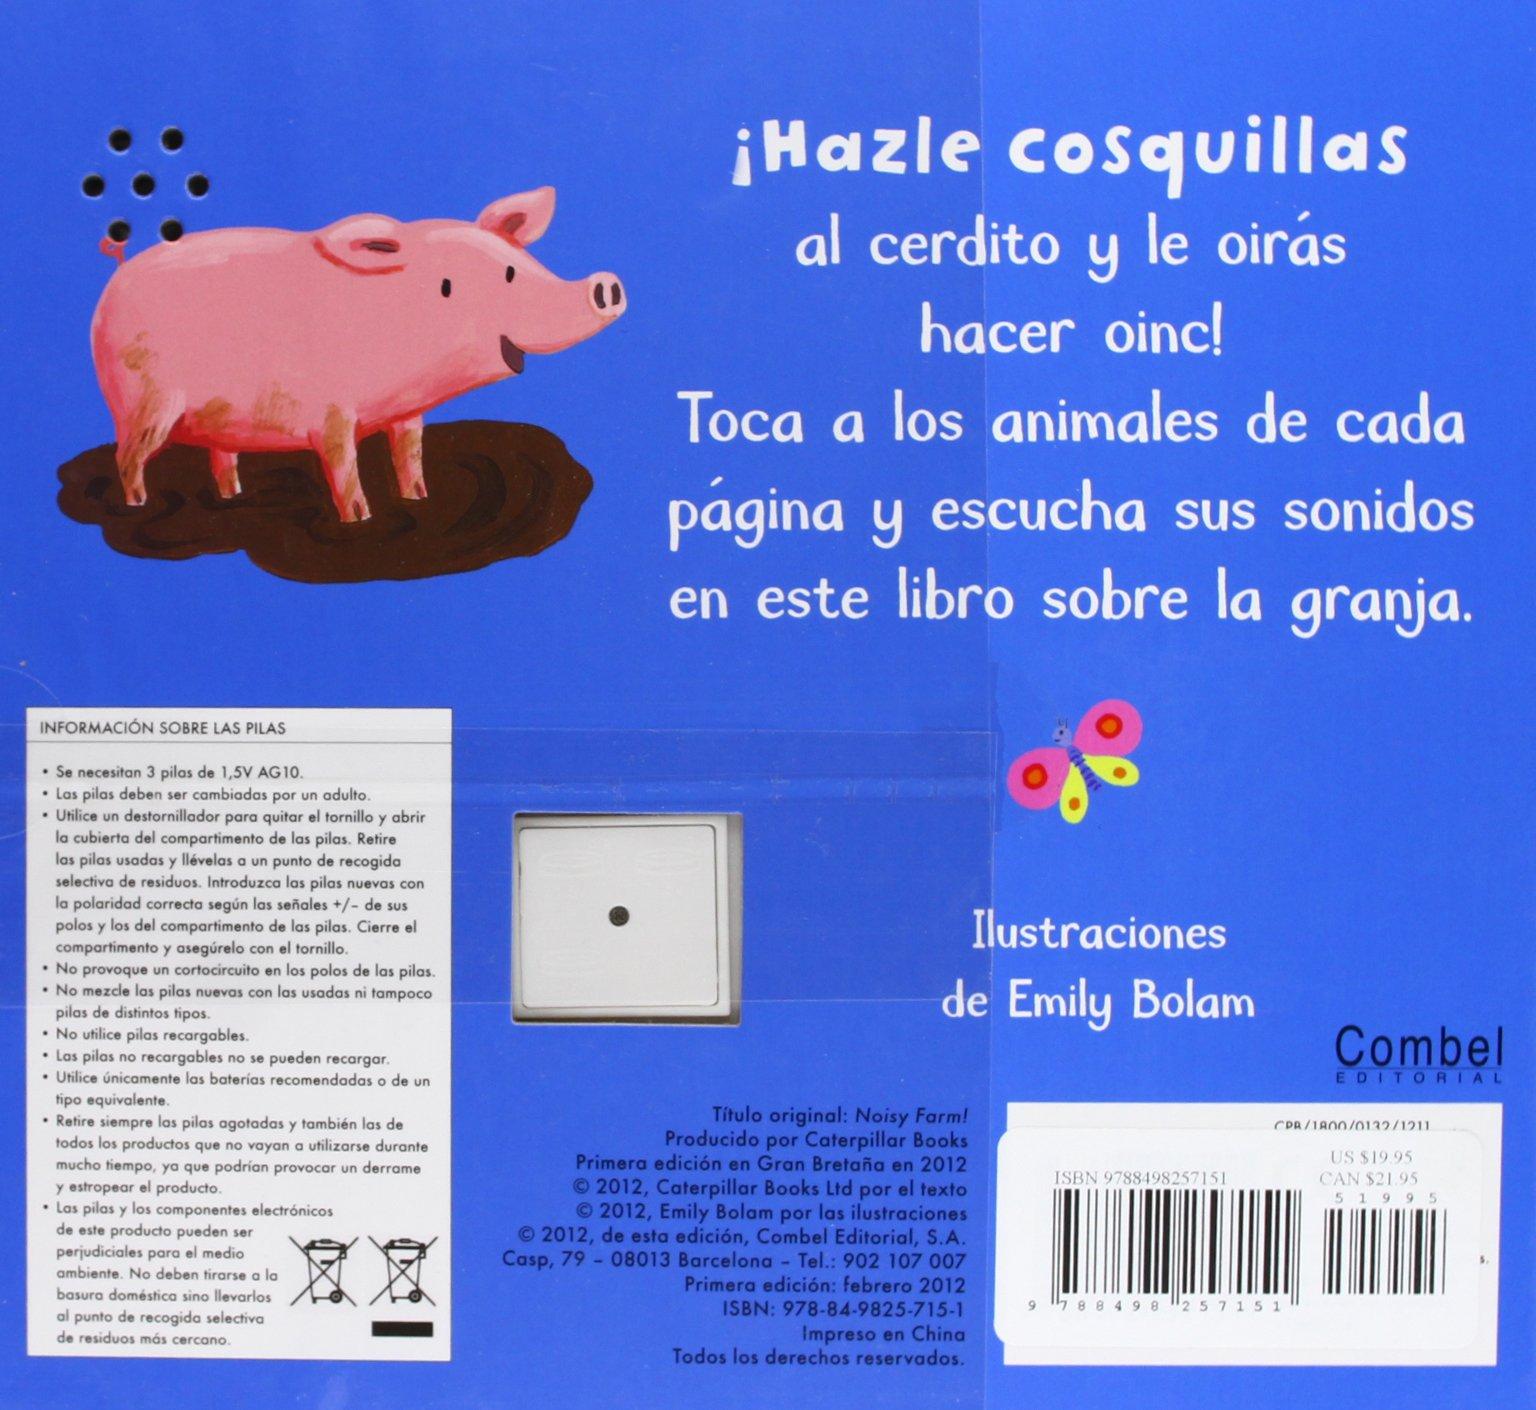 Los sonidos de la granja (Los sonidos de los animales) (Spanish Edition): Emily Bolam: 9788498257151: Amazon.com: Books